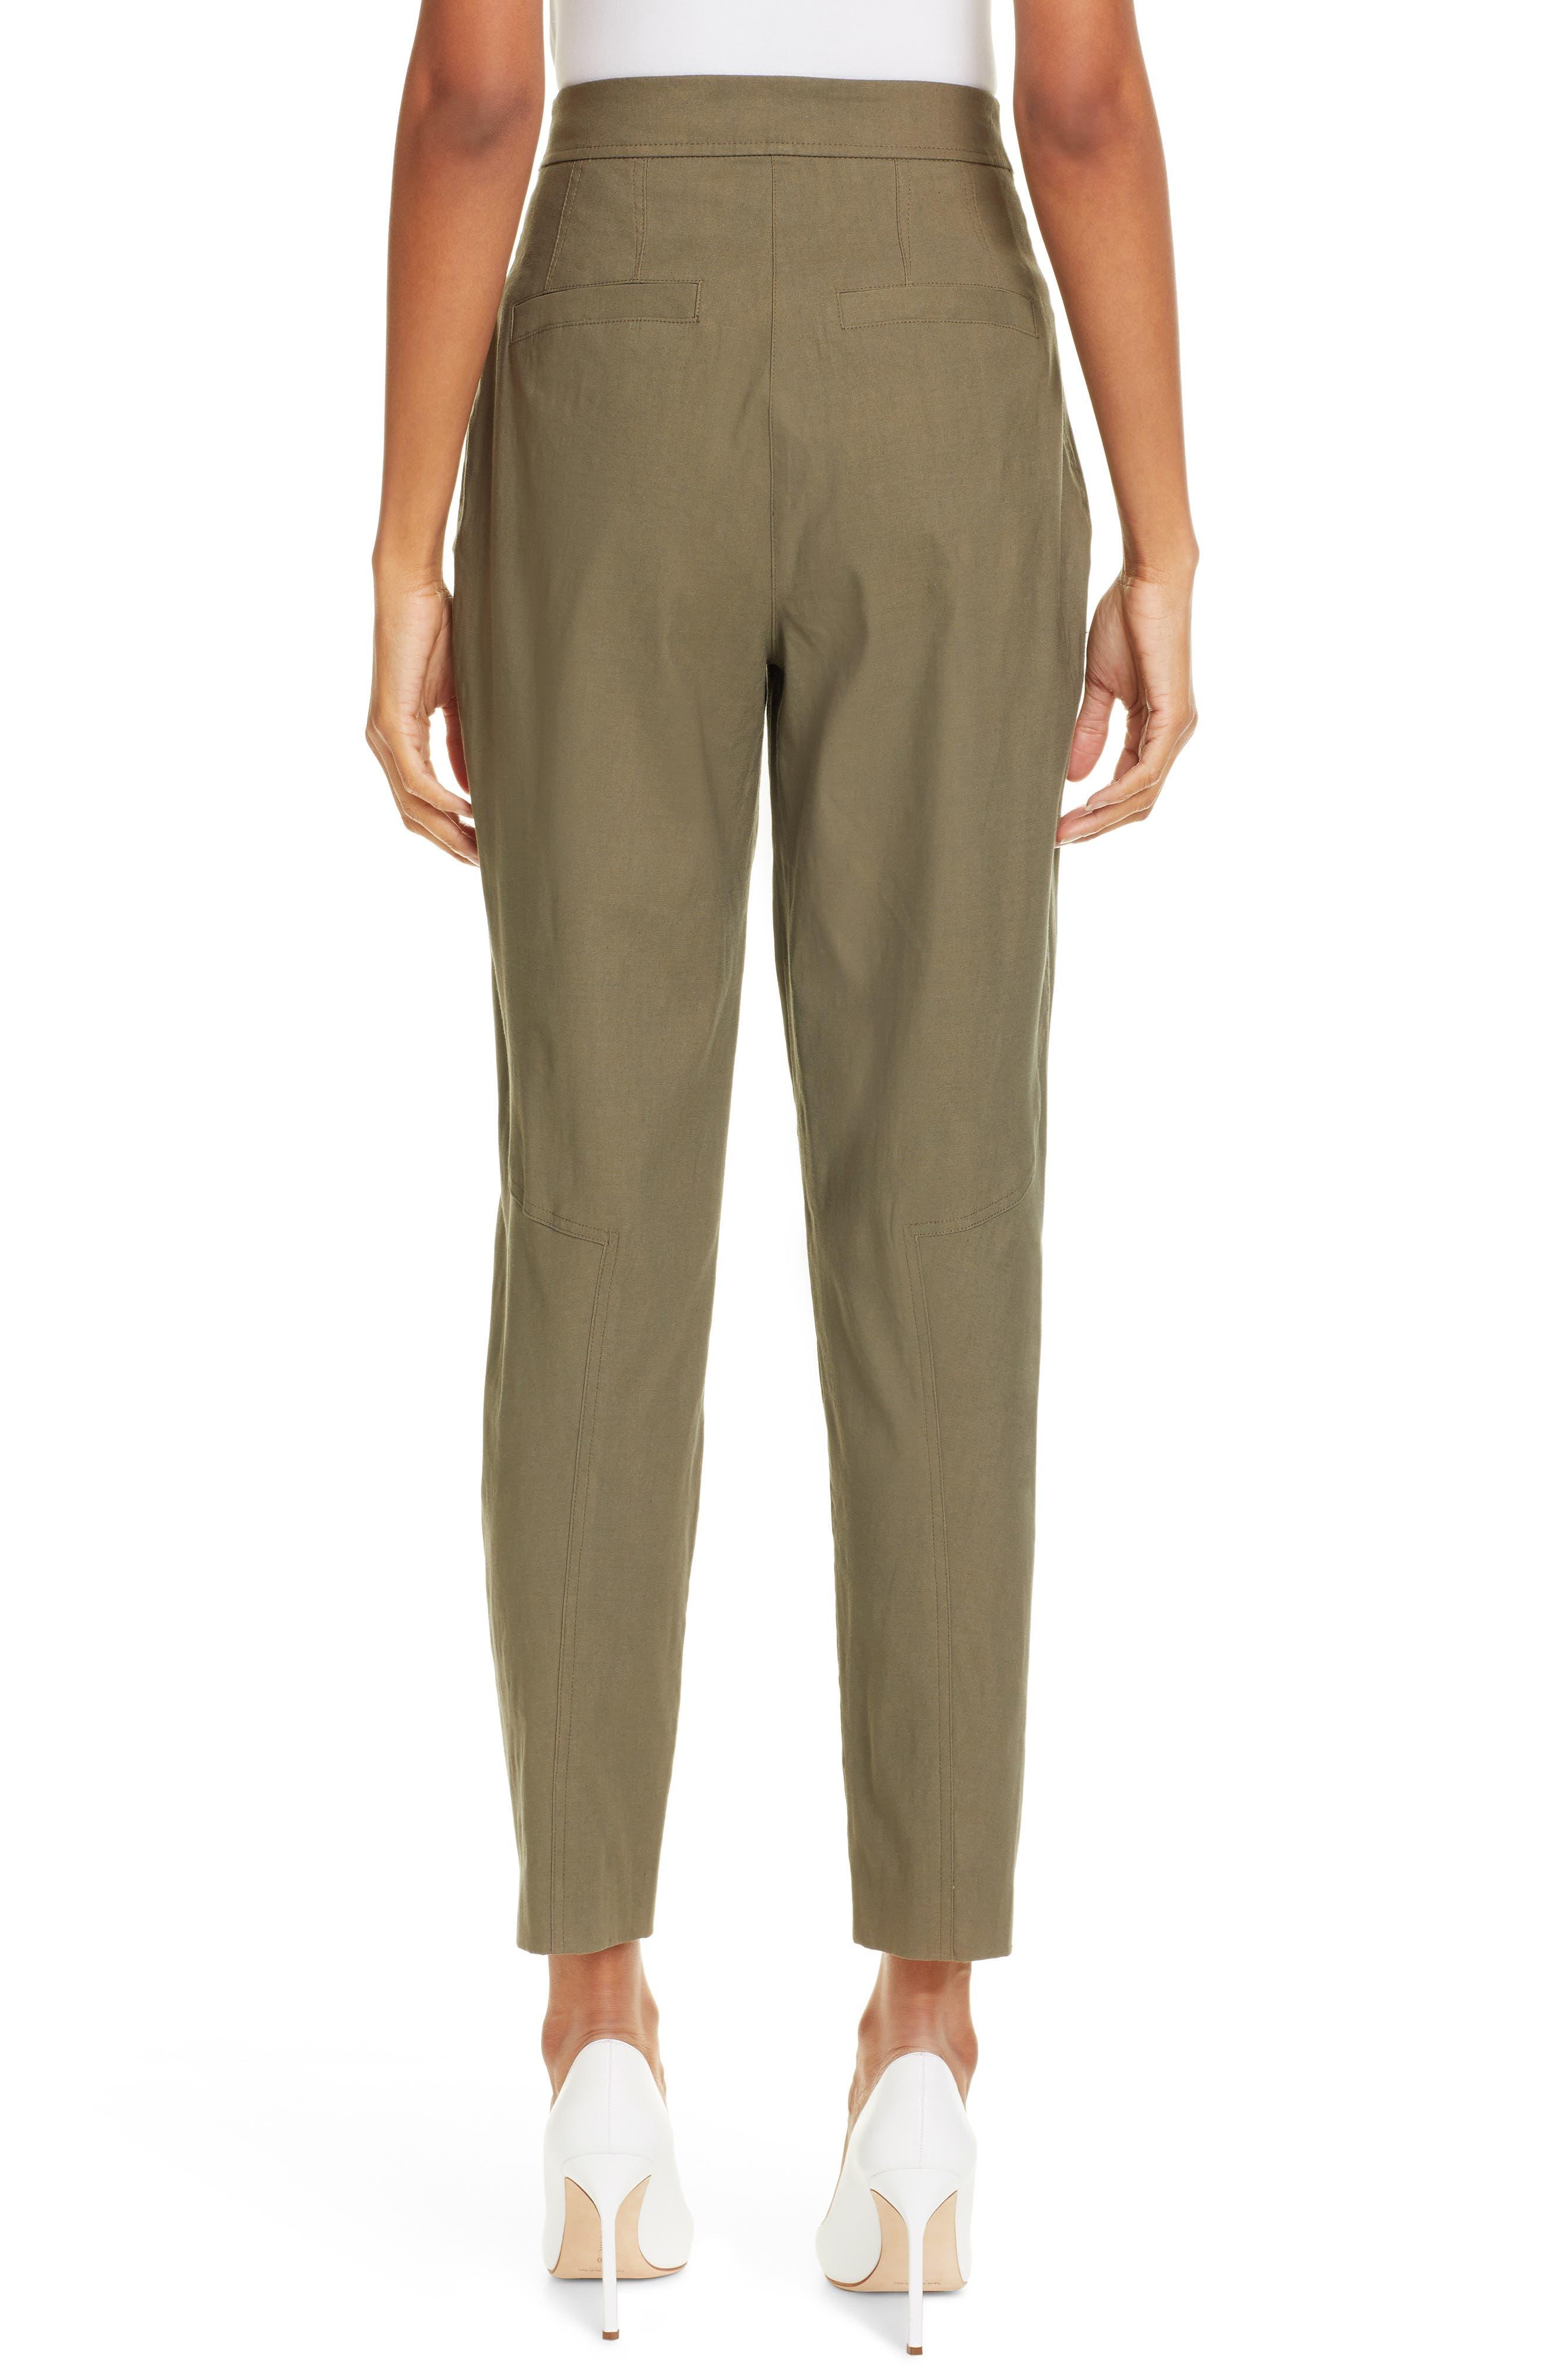 Women's Clothing Lace Up Pants Size 8 Cream Color A.l.c